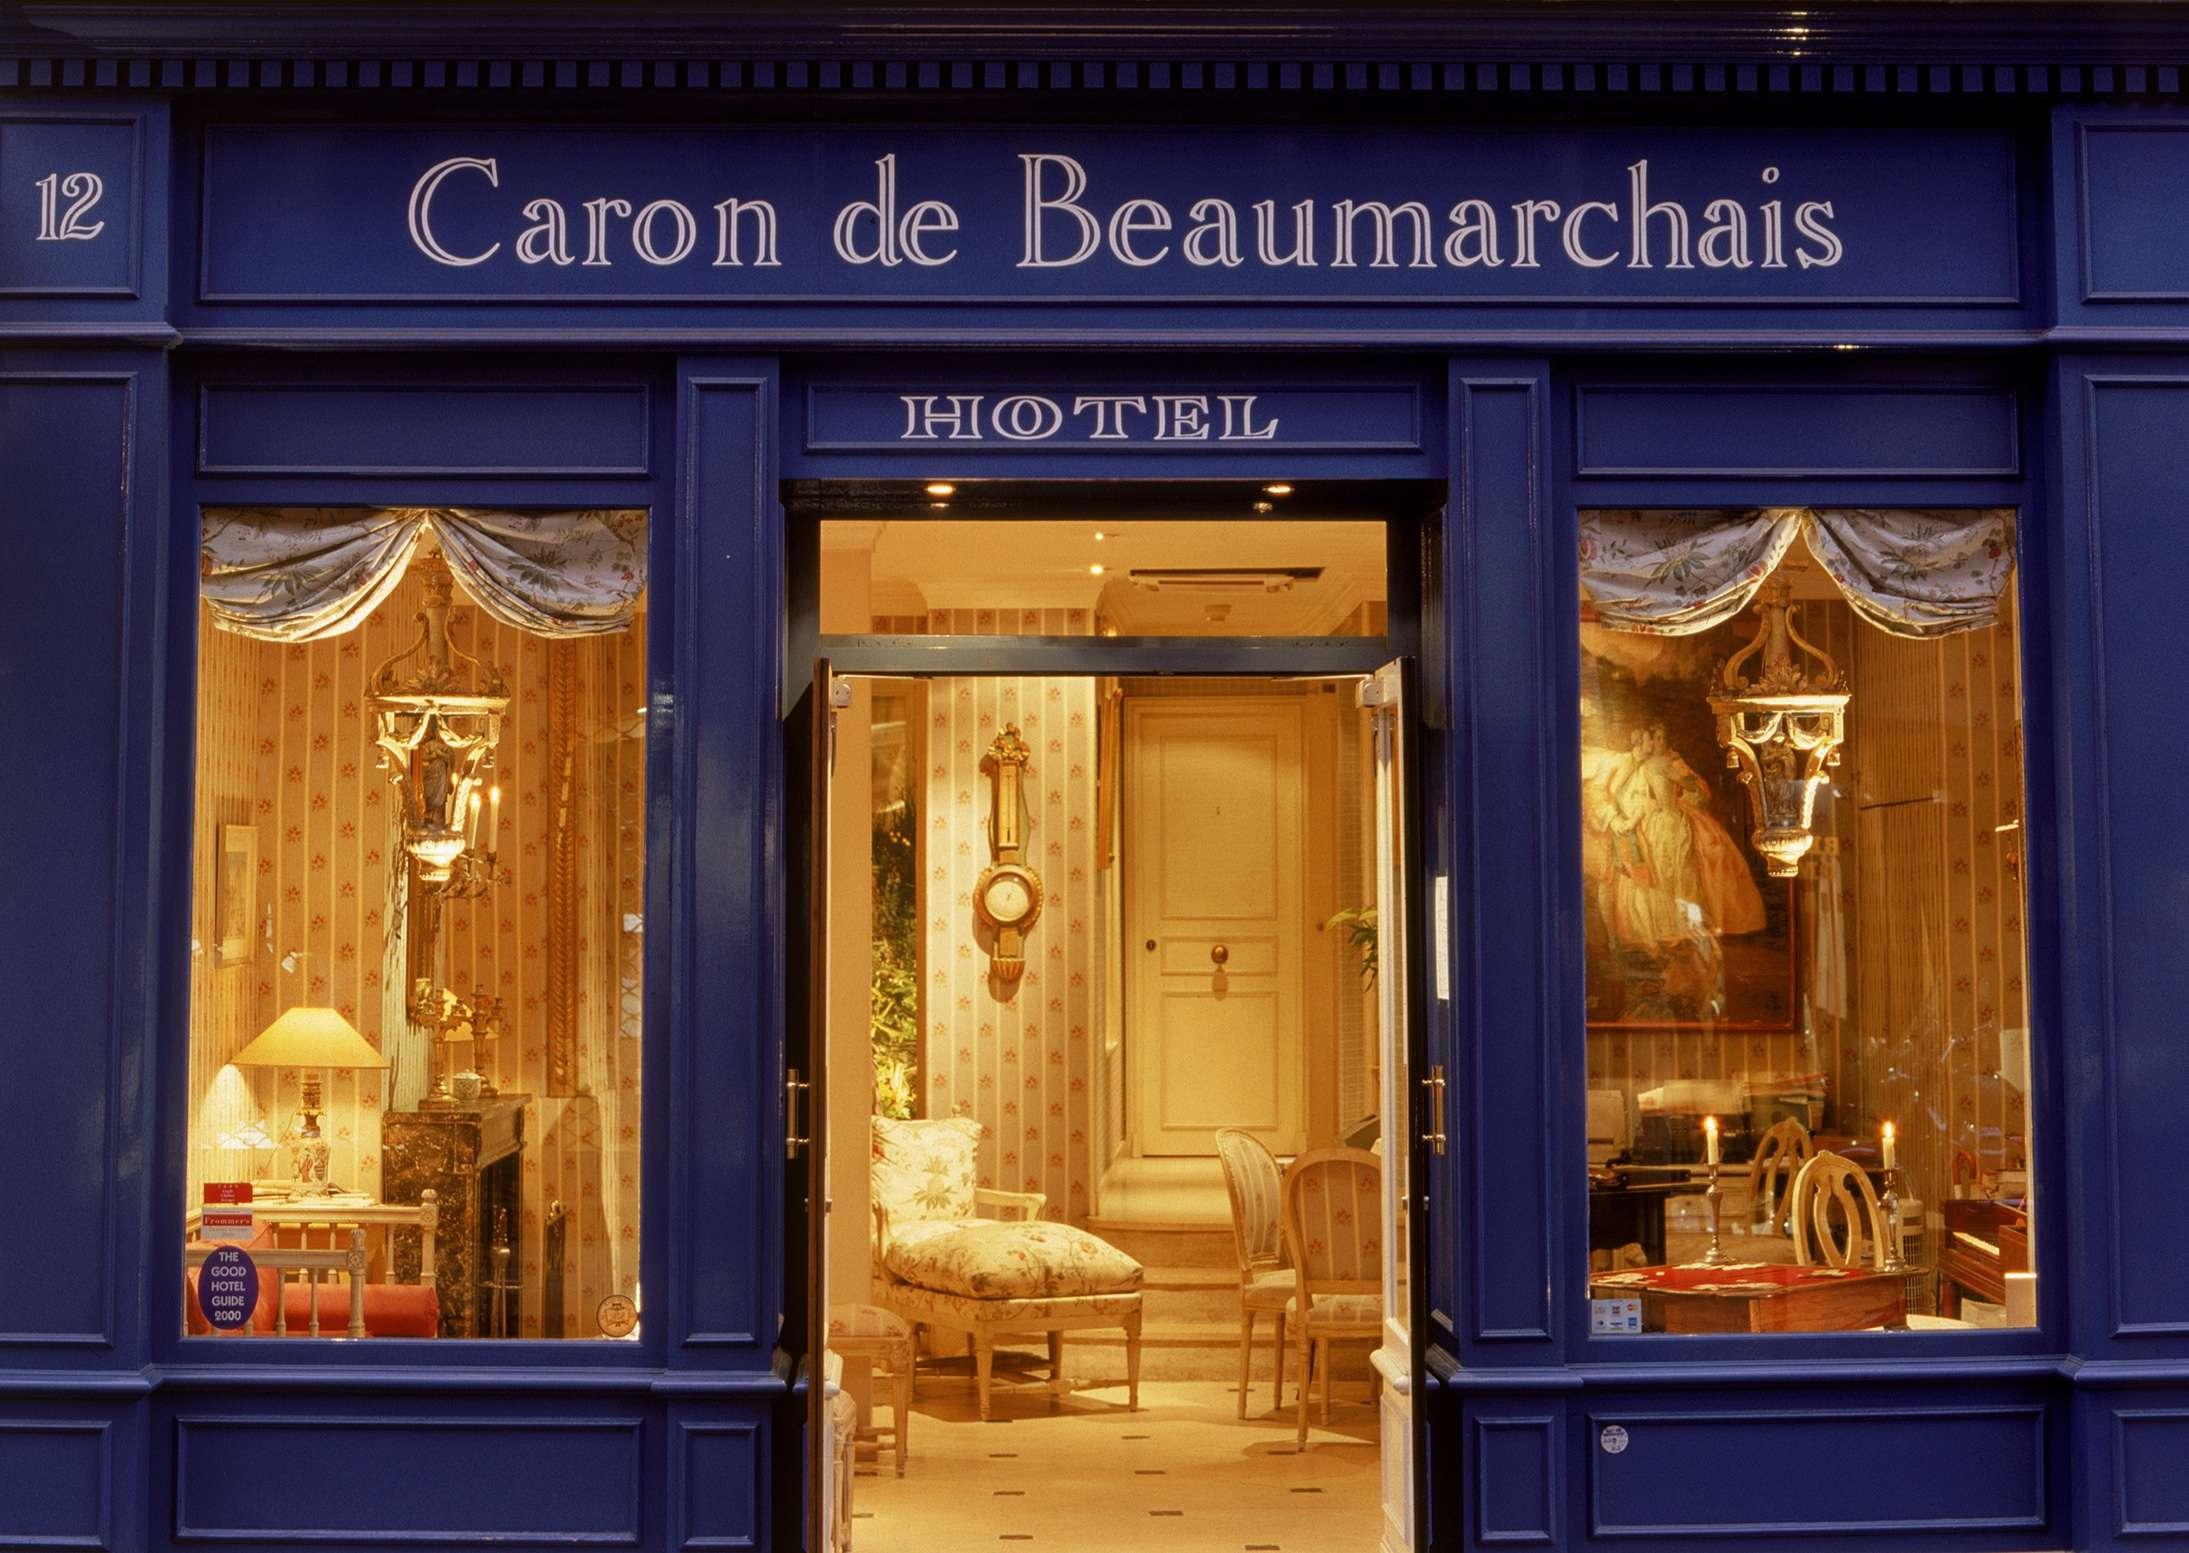 Caron de Beaumarchais